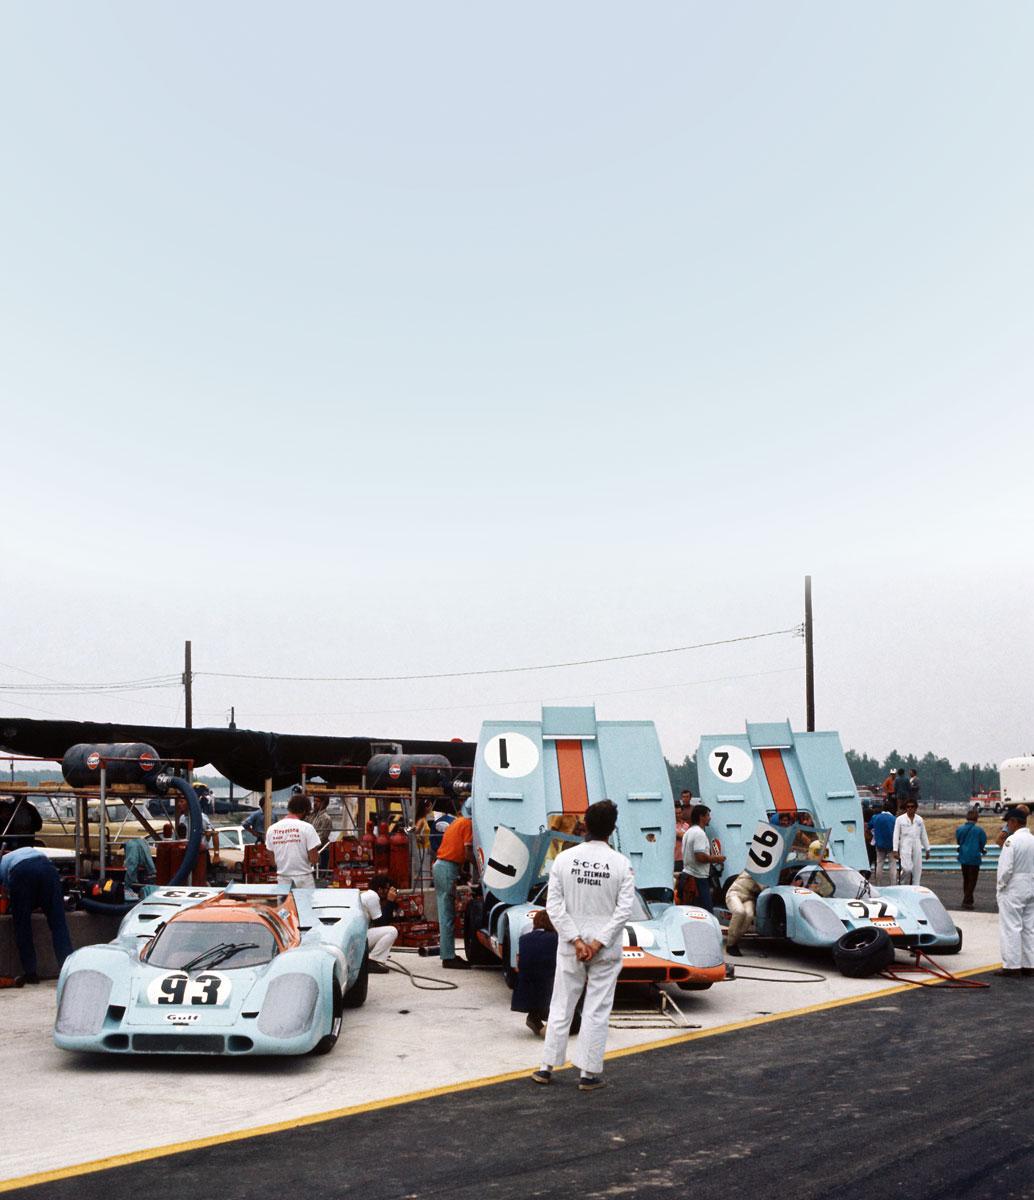 #37, Derek Bell, Porsche 917, Saison 1971